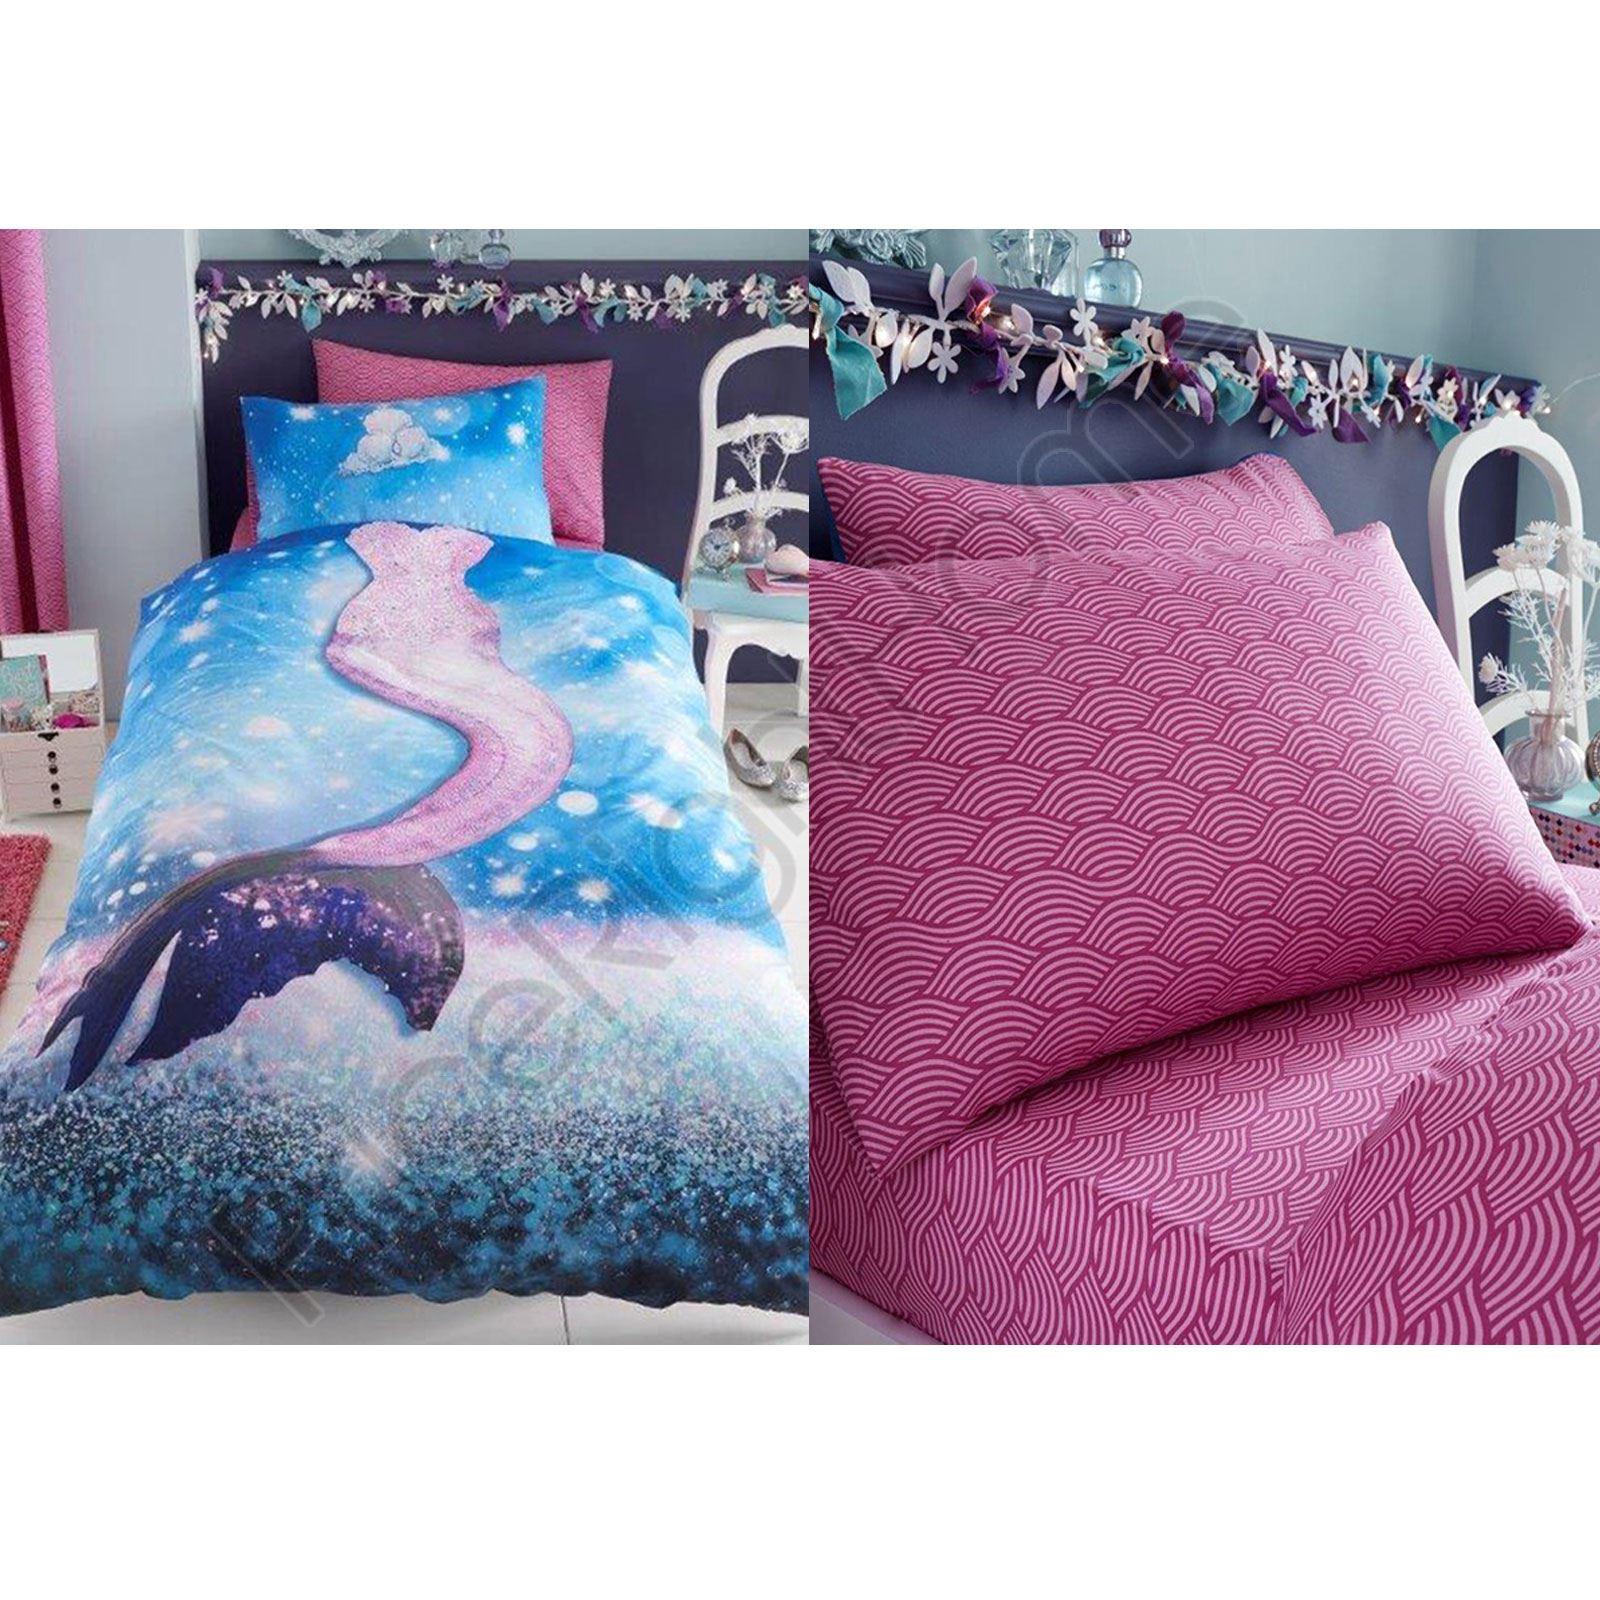 kinder jungen m dchen einzel bettw sche passendes leintuch 2 kissenbezug 4 in ebay. Black Bedroom Furniture Sets. Home Design Ideas